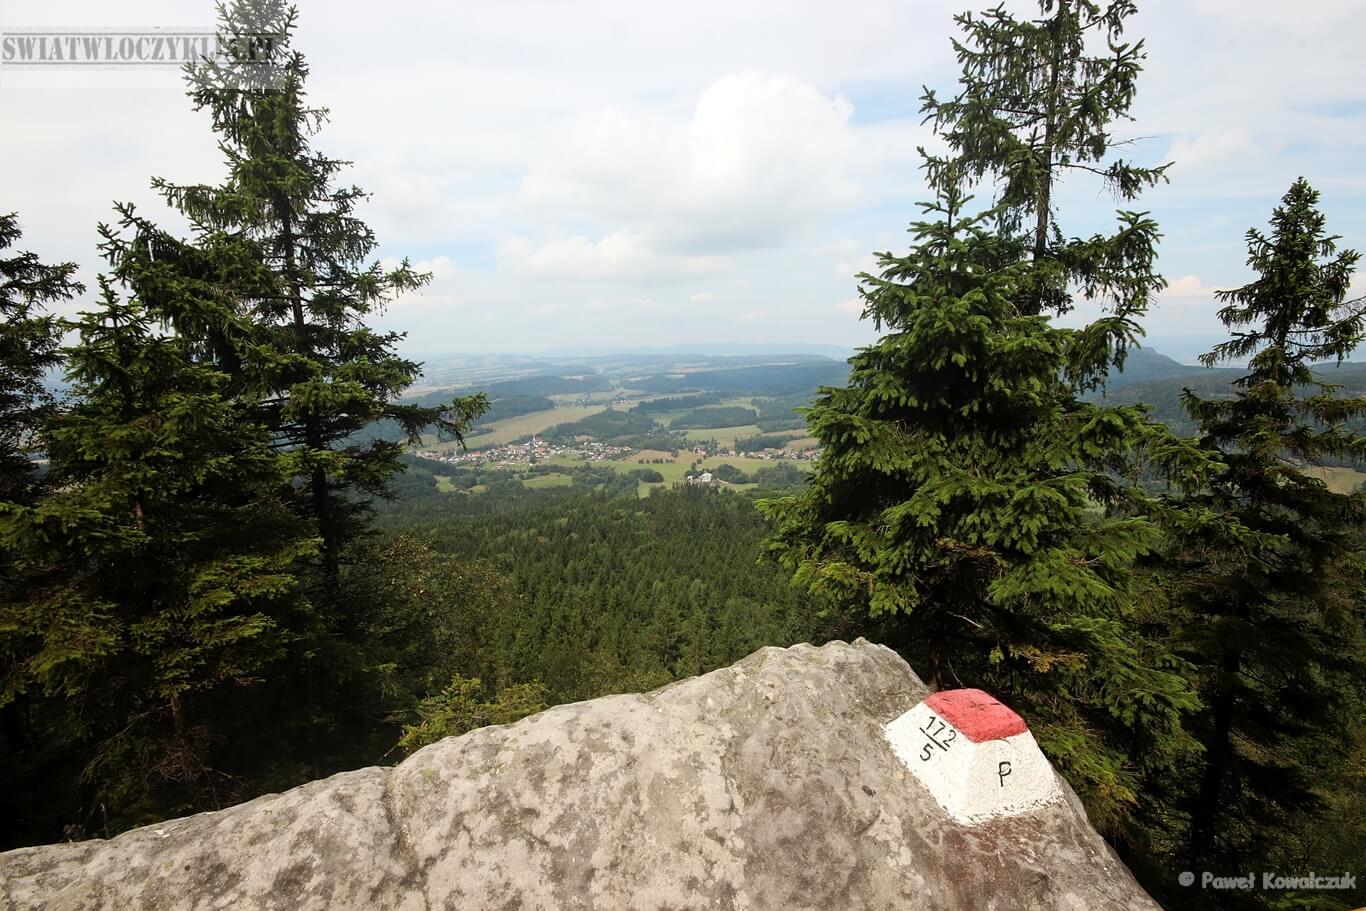 Widok na czeską stronę z Błędnych Skał. Na pierwszym planie kamień graniczny na skale. W tle panorama.